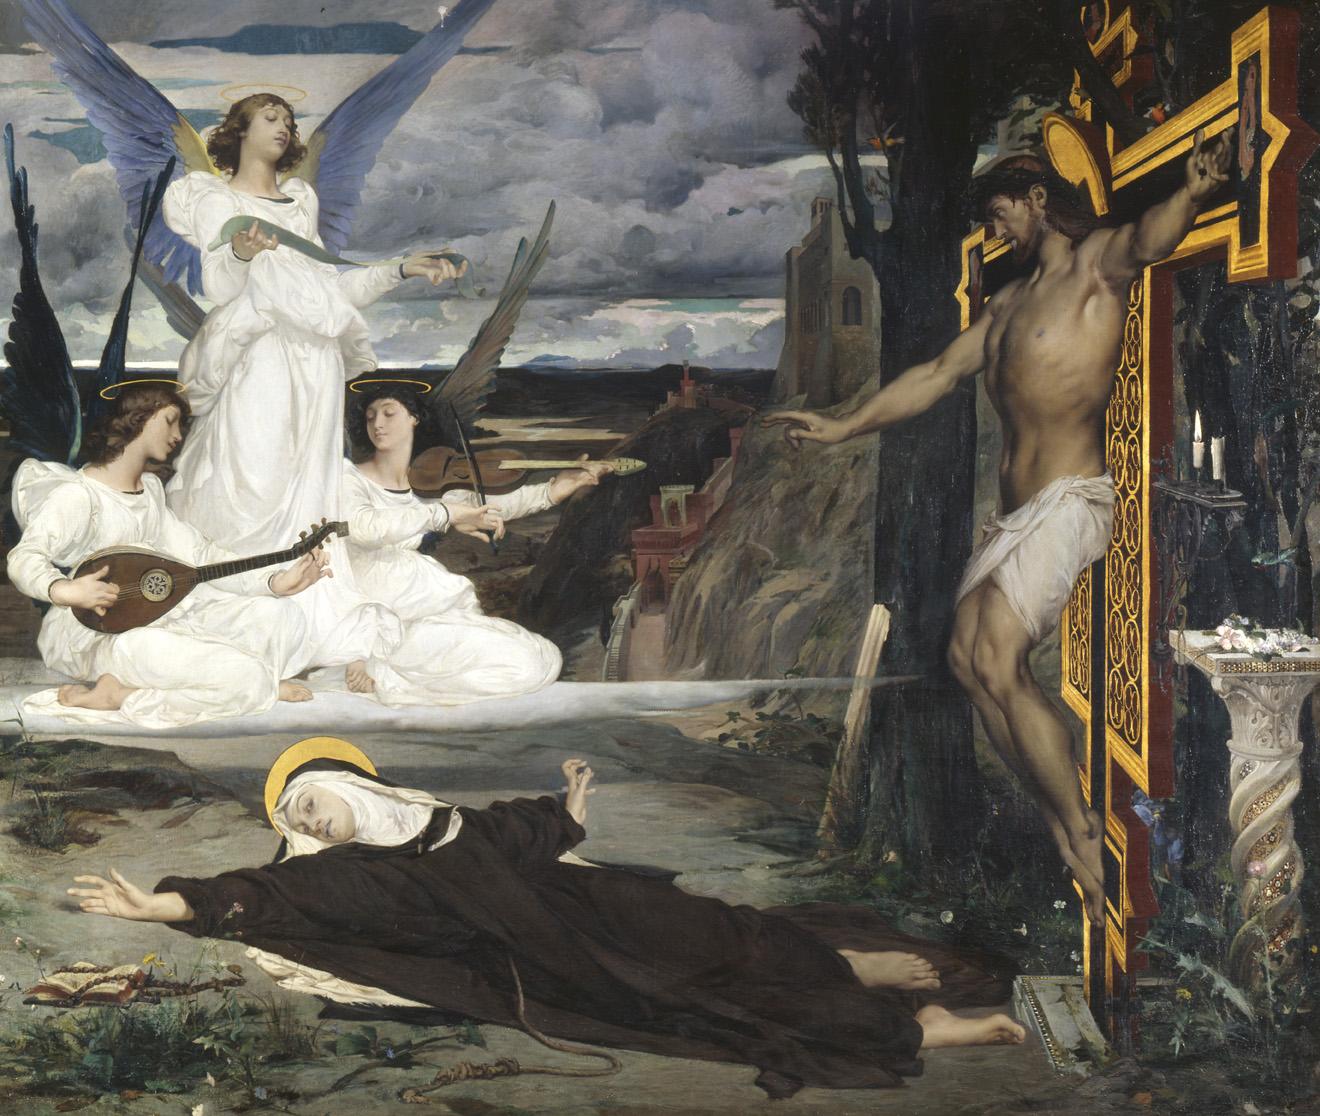 The Vision Legend of the Fourteenth Century, by Luc Olivier Merson, c. 1872. Palais des Beaux-Arts de Lille, France.